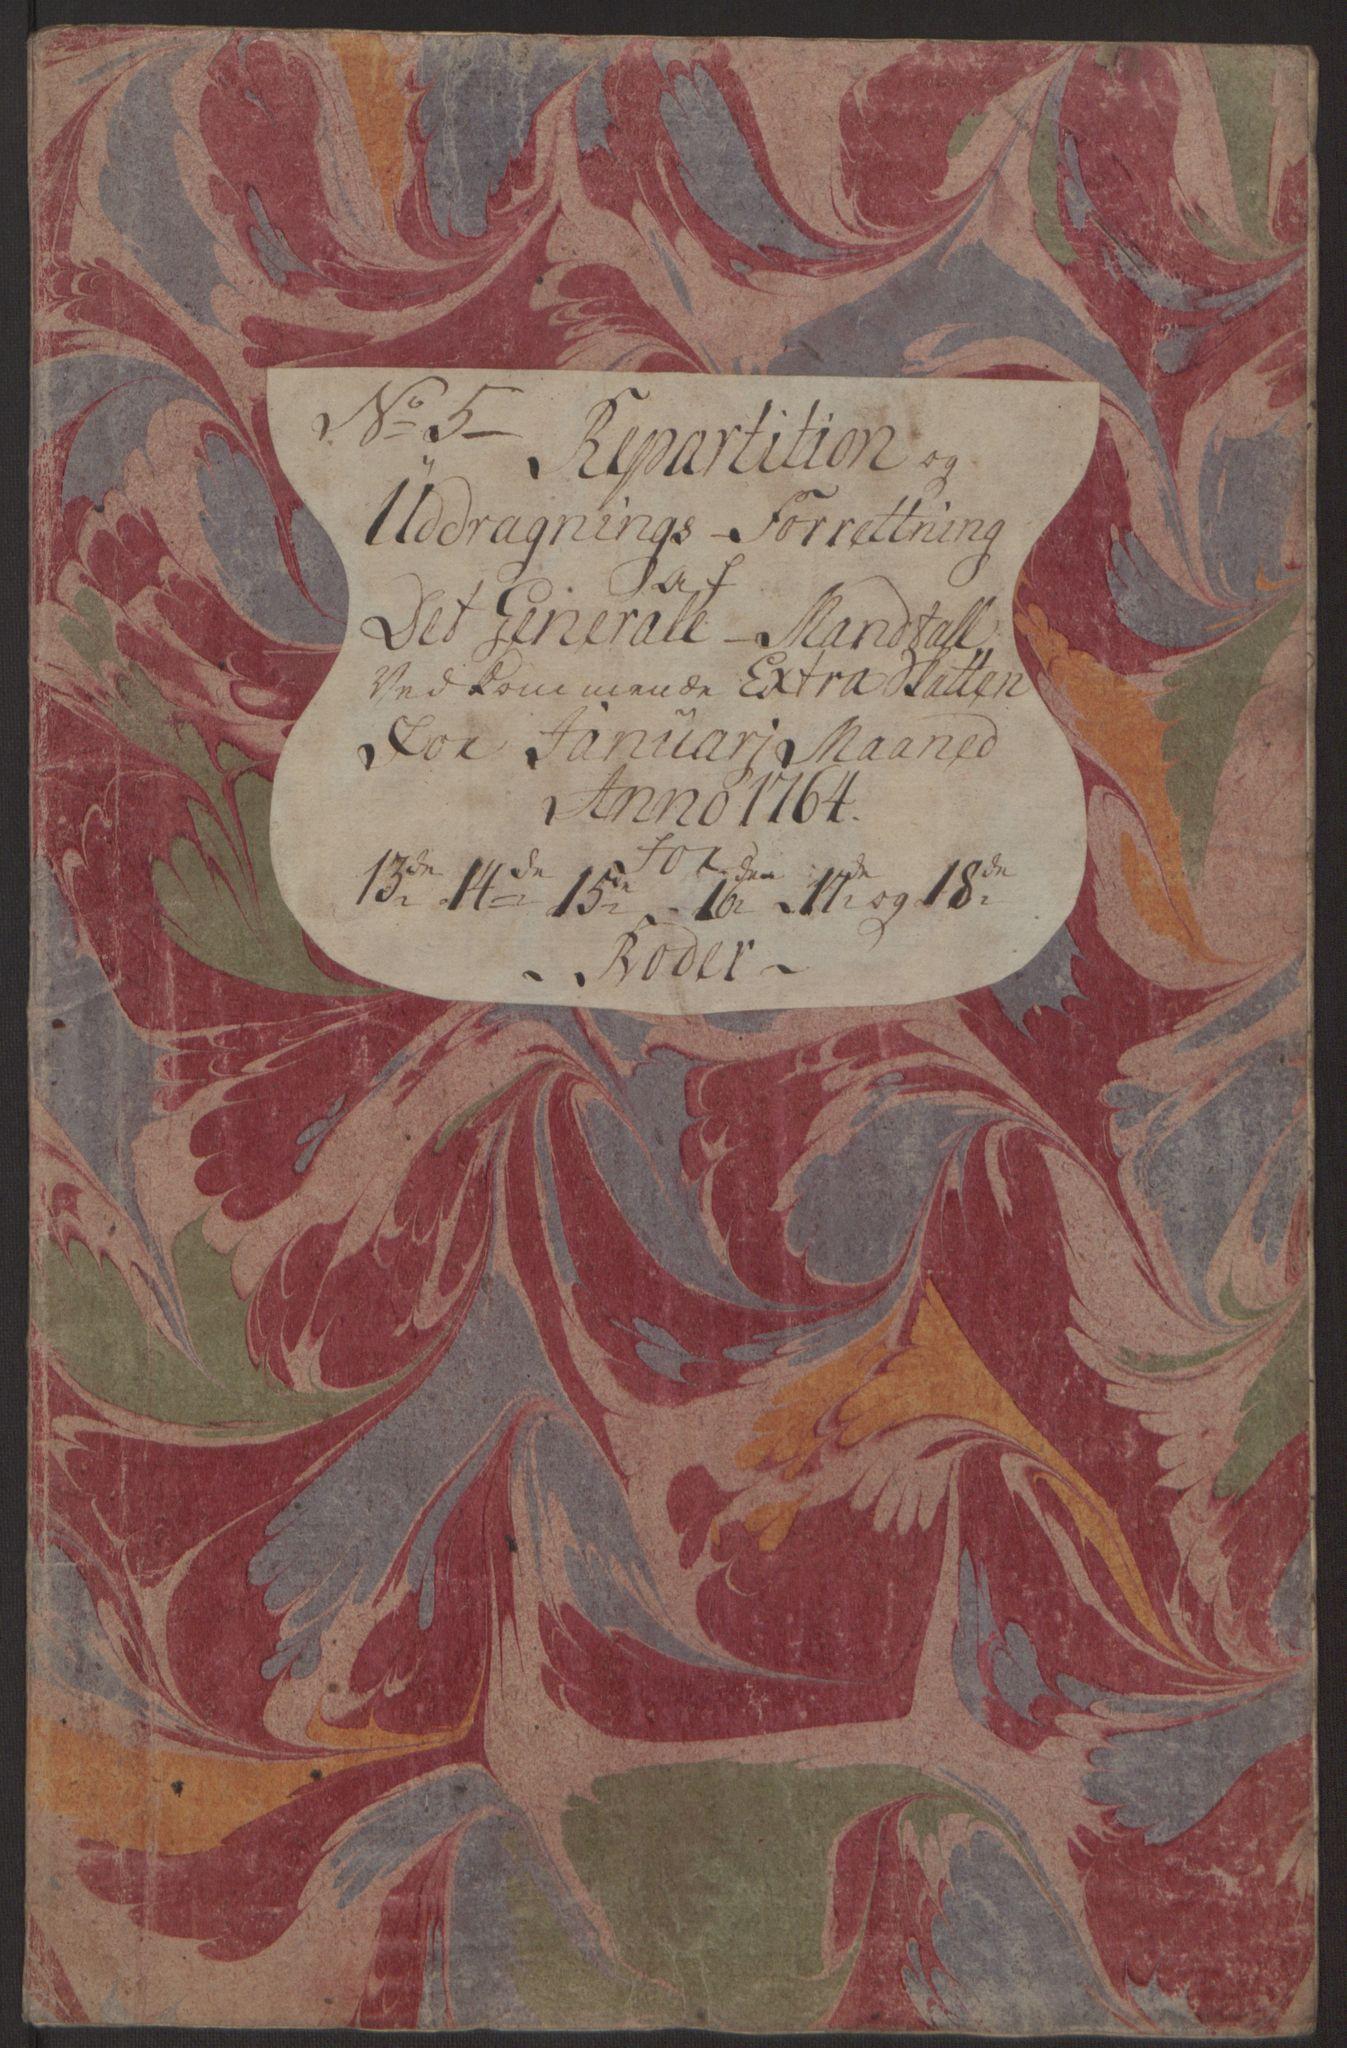 RA, Rentekammeret inntil 1814, Reviderte regnskaper, Byregnskaper, R/Rp/L0368: [P21] Kontribusjonsregnskap, 1764, s. 40